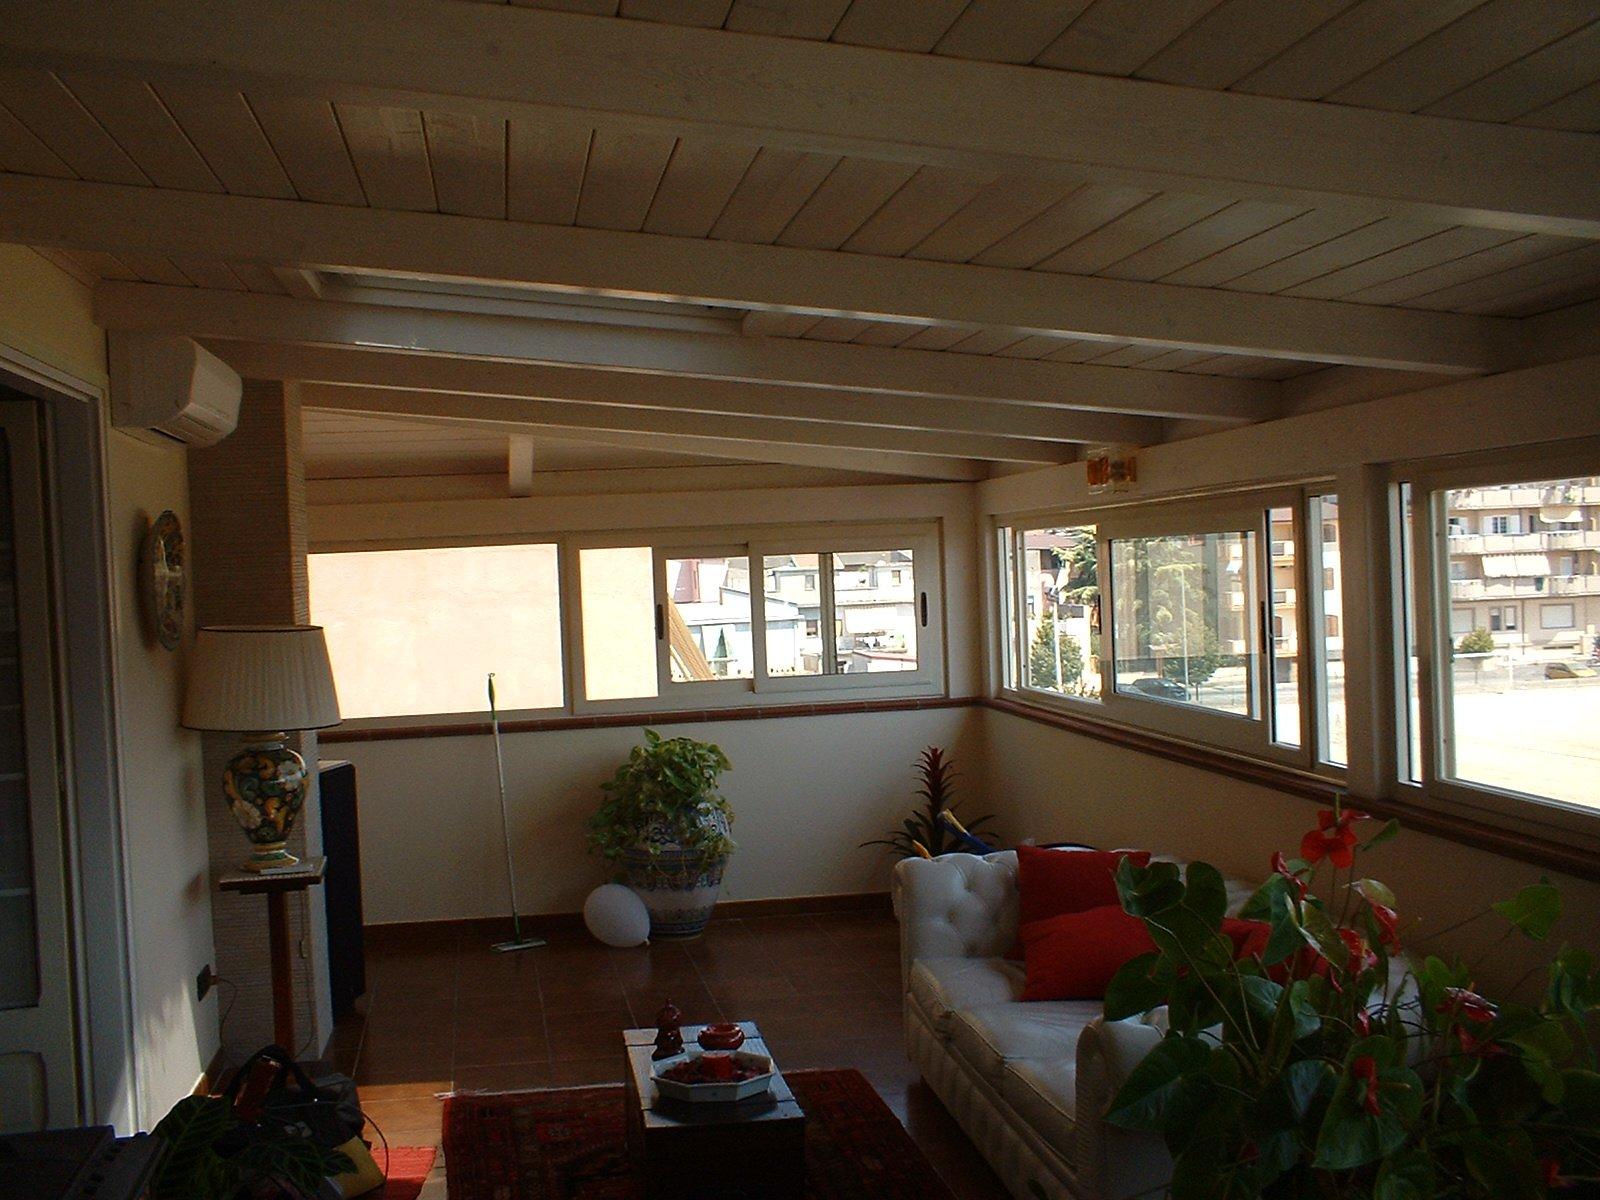 Verande for Idee di veranda laterale